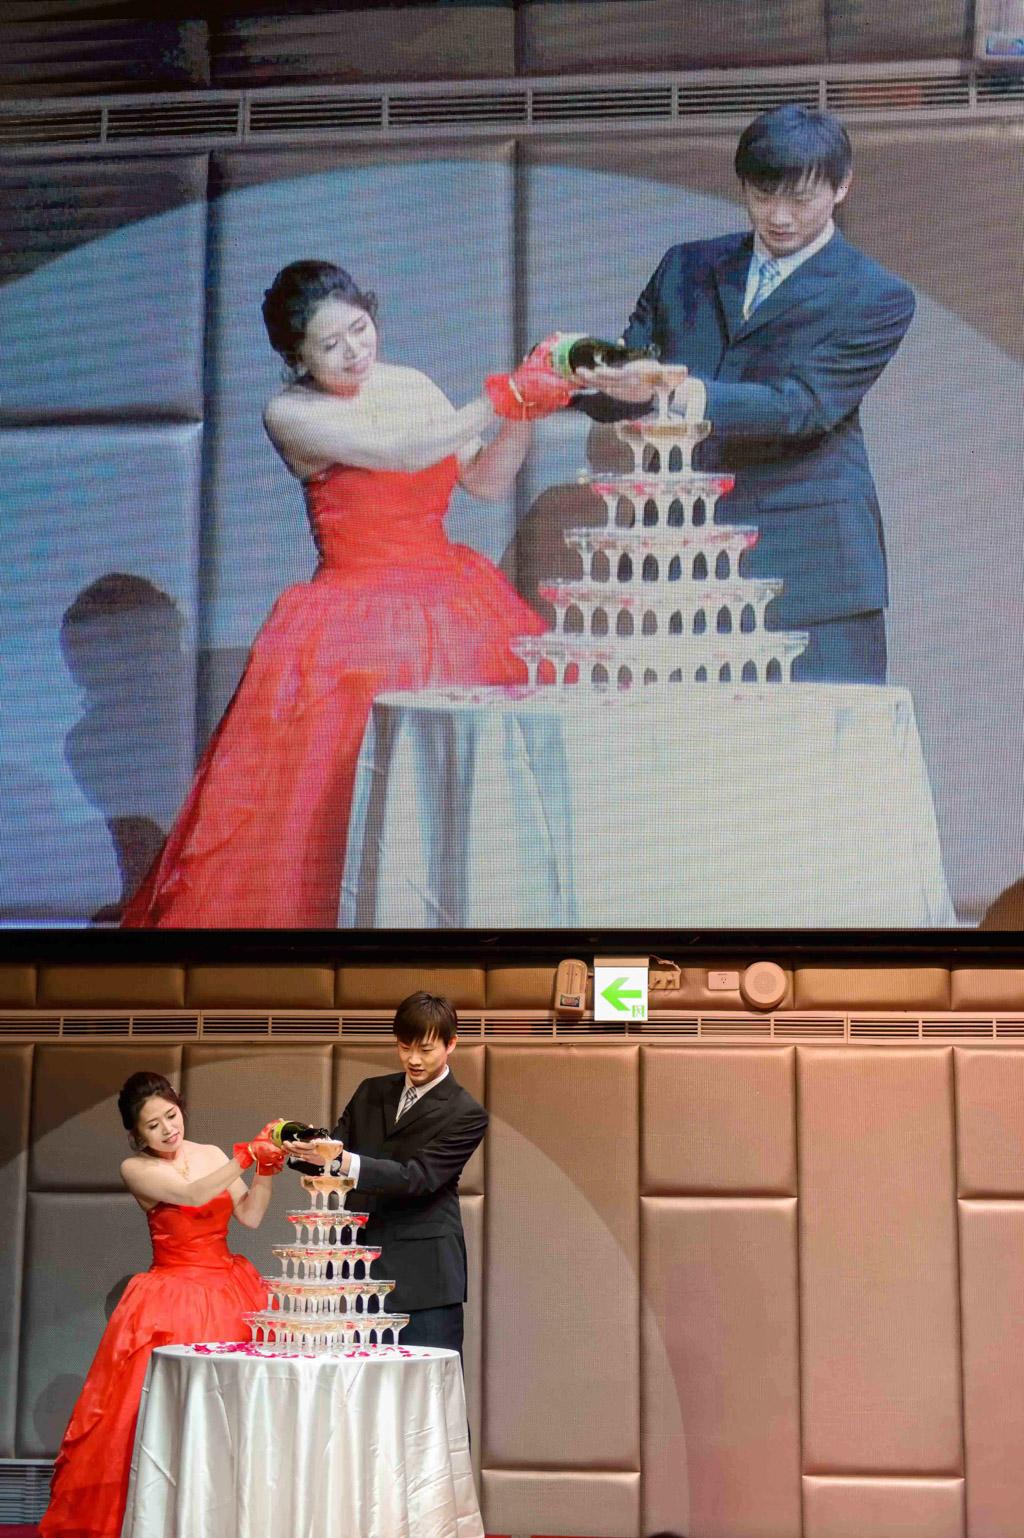 婚攝小勇, 小寶團隊, 台北婚攝, 新竹風采, 新竹風采婚宴, 新竹風采婚攝, wedding day-034